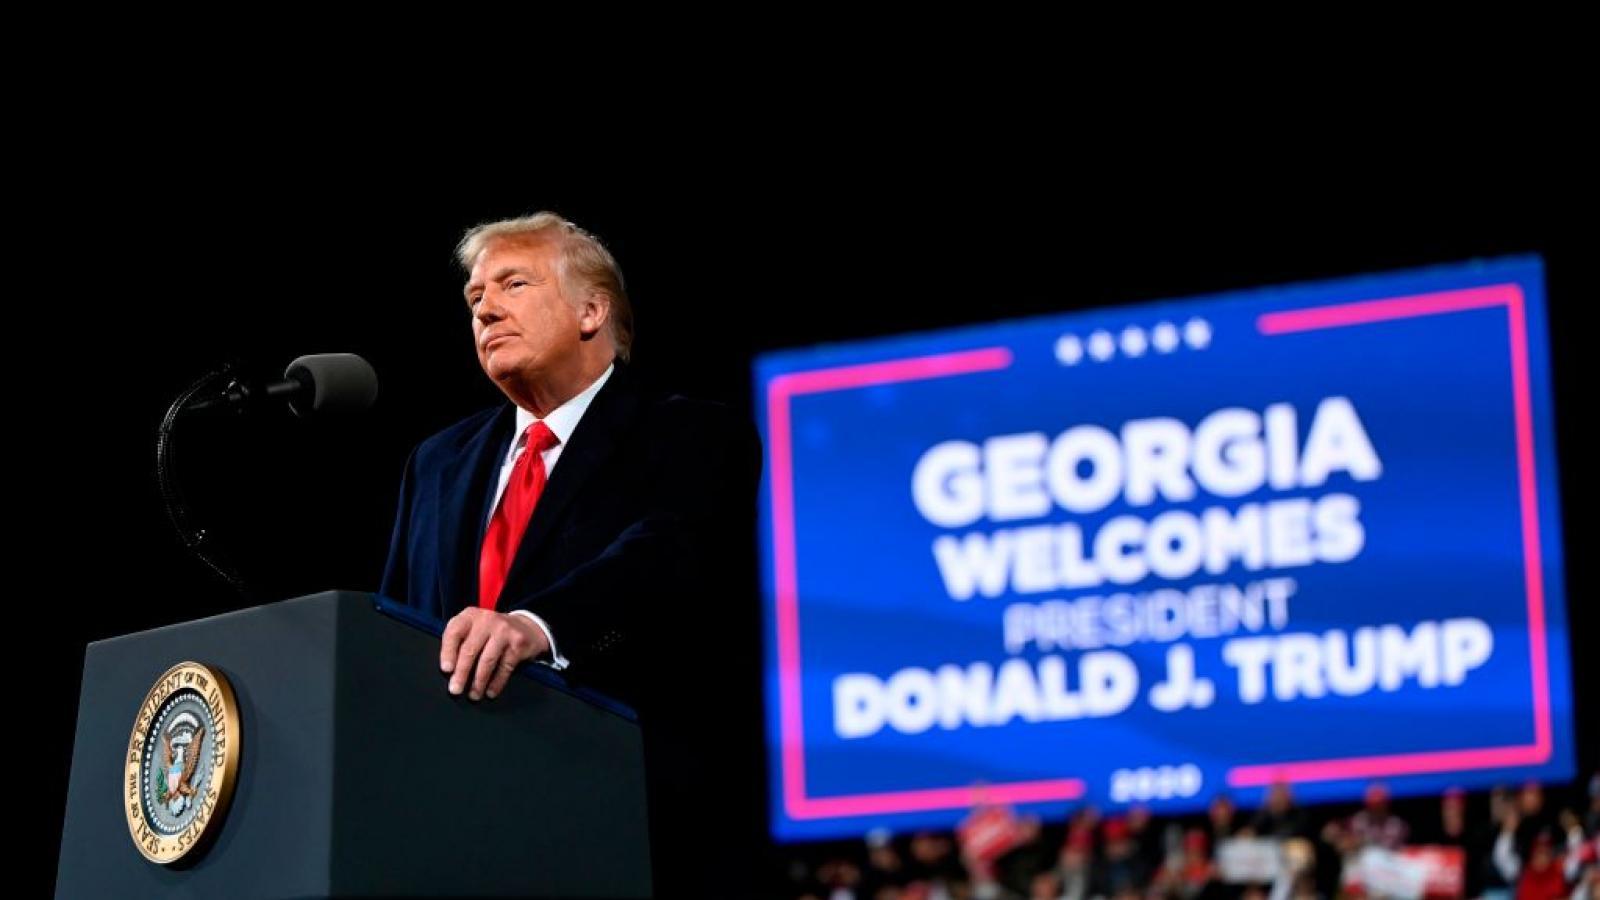 President Trump in Valdosta, GA, Dec. 5